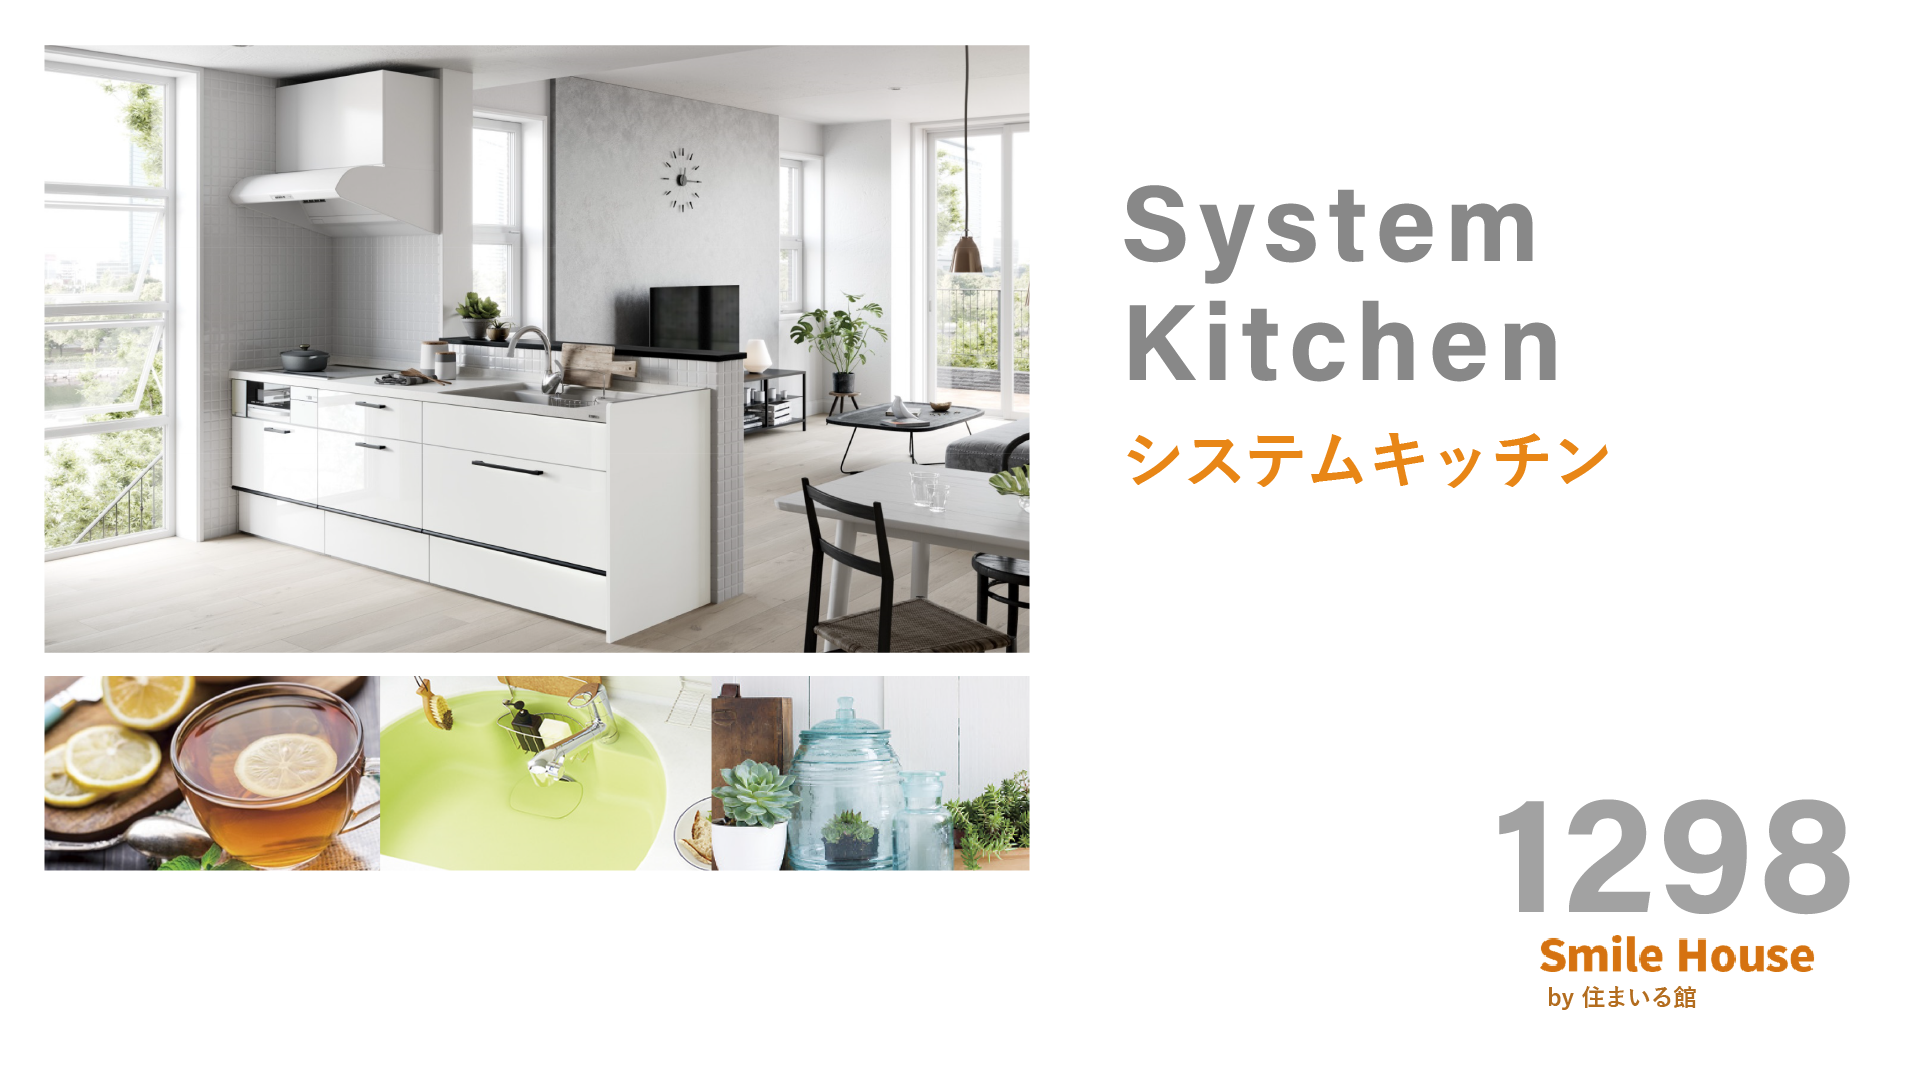 キッチン_1298